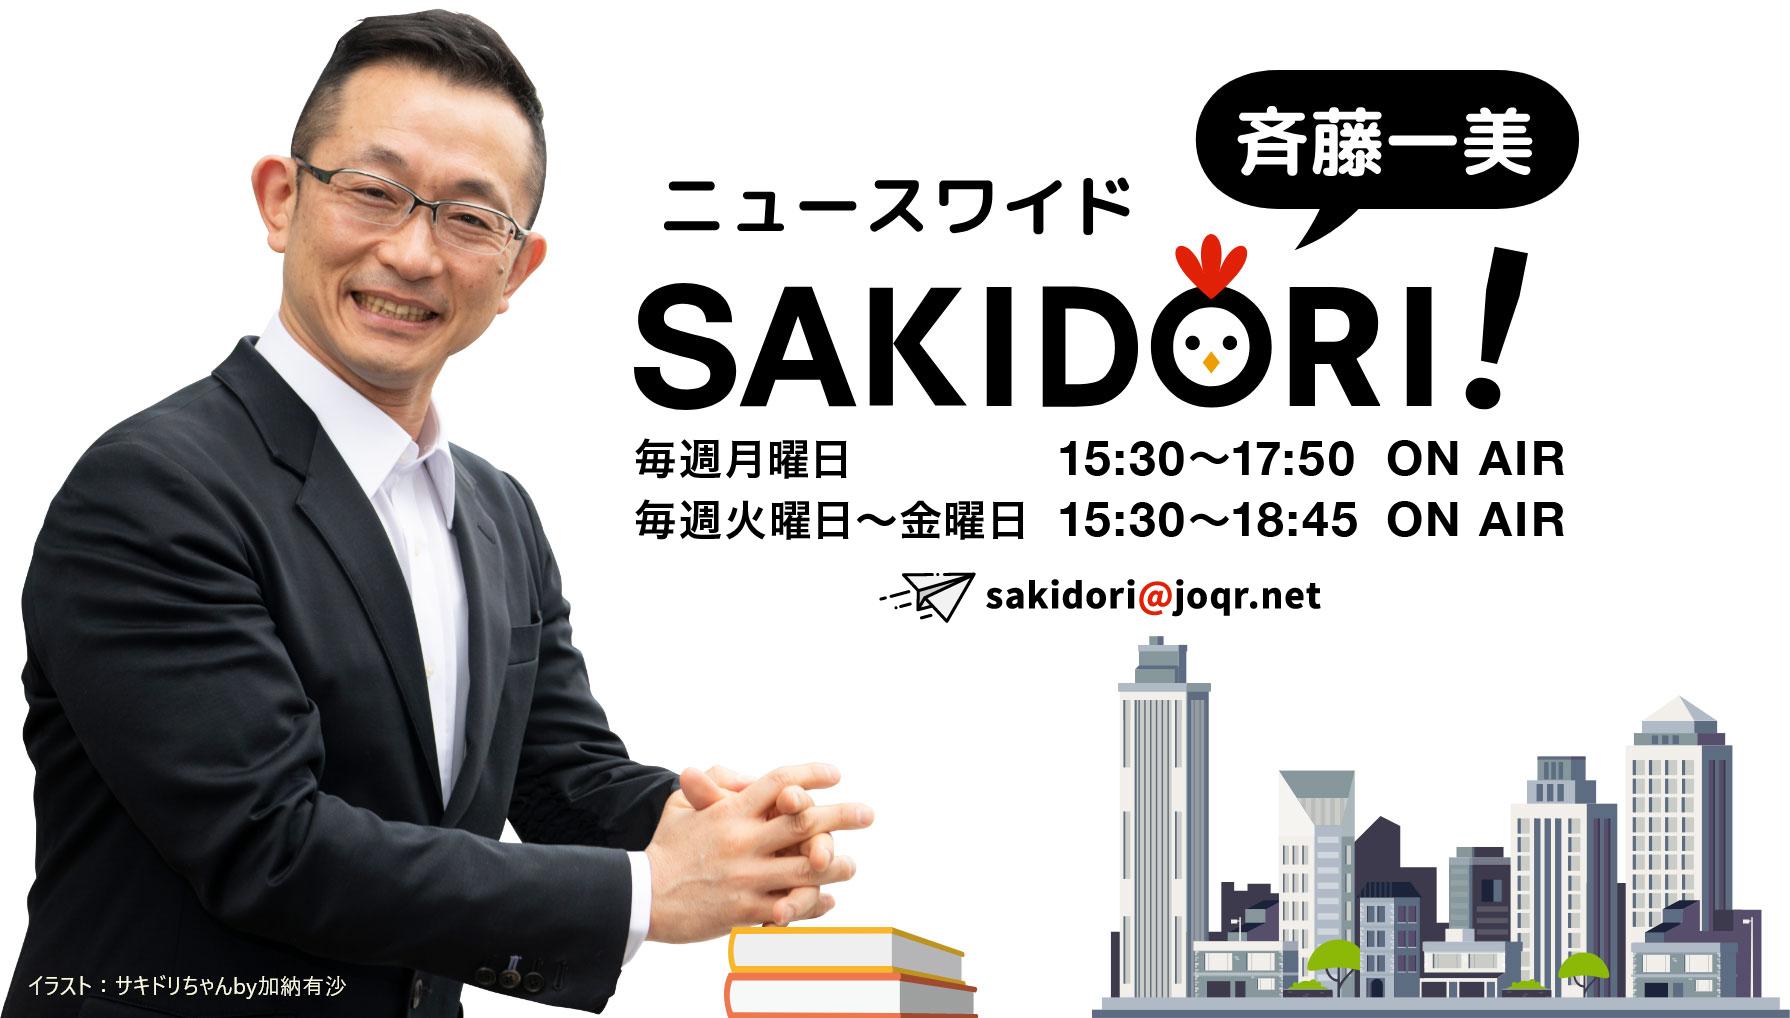 斉藤一美 ニュースワイド SAKIDORI! 毎週月曜日~金曜日 15:30~17:50 ON AIR